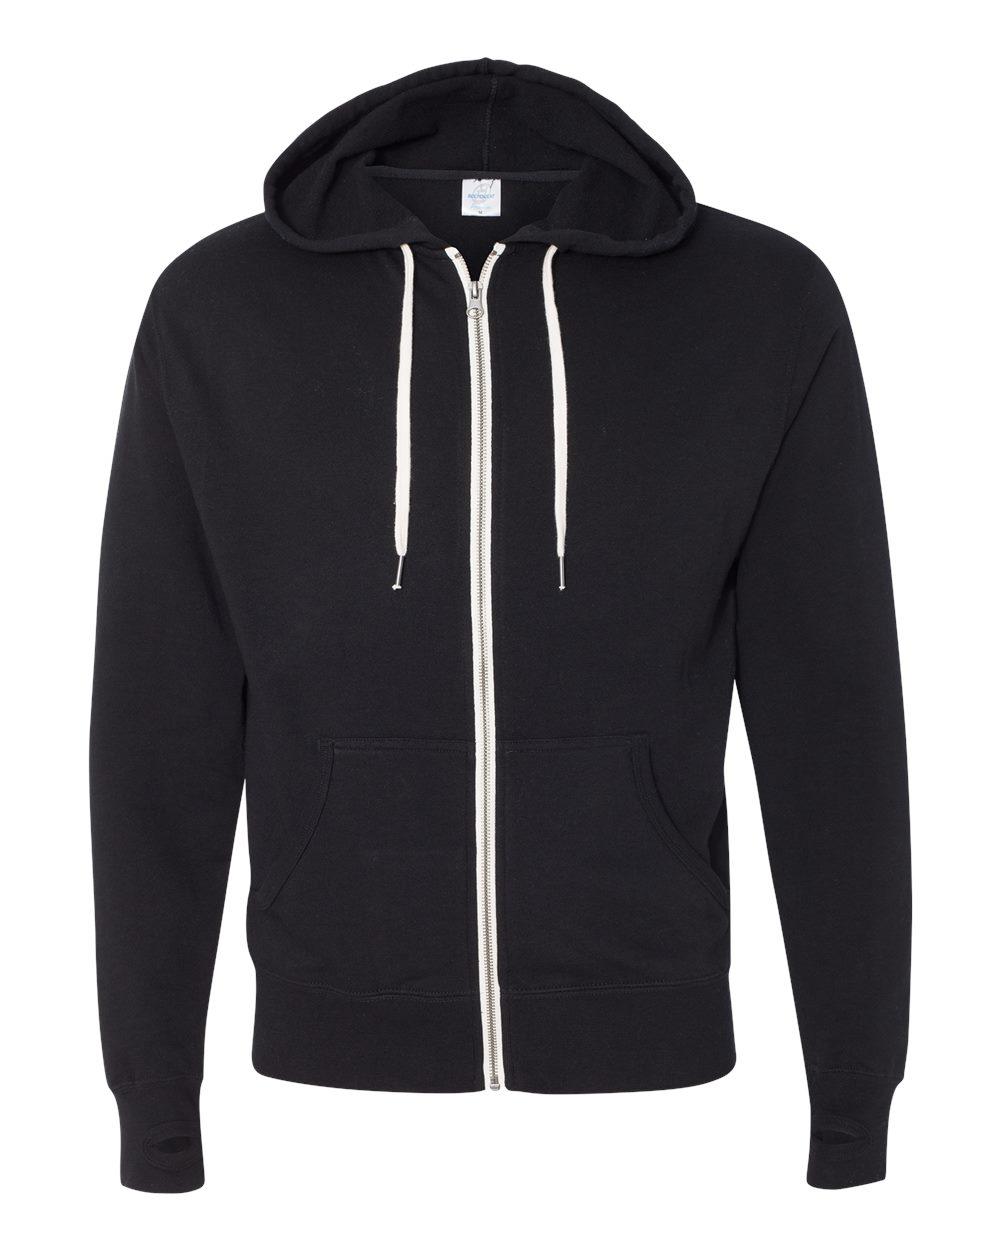 Black pullover hoodie in ecofriendly bamboo. Teal and white colorblock hoodie with kangaroo pocket. Asymmetric sweatshirt, thumbhole hoodie.